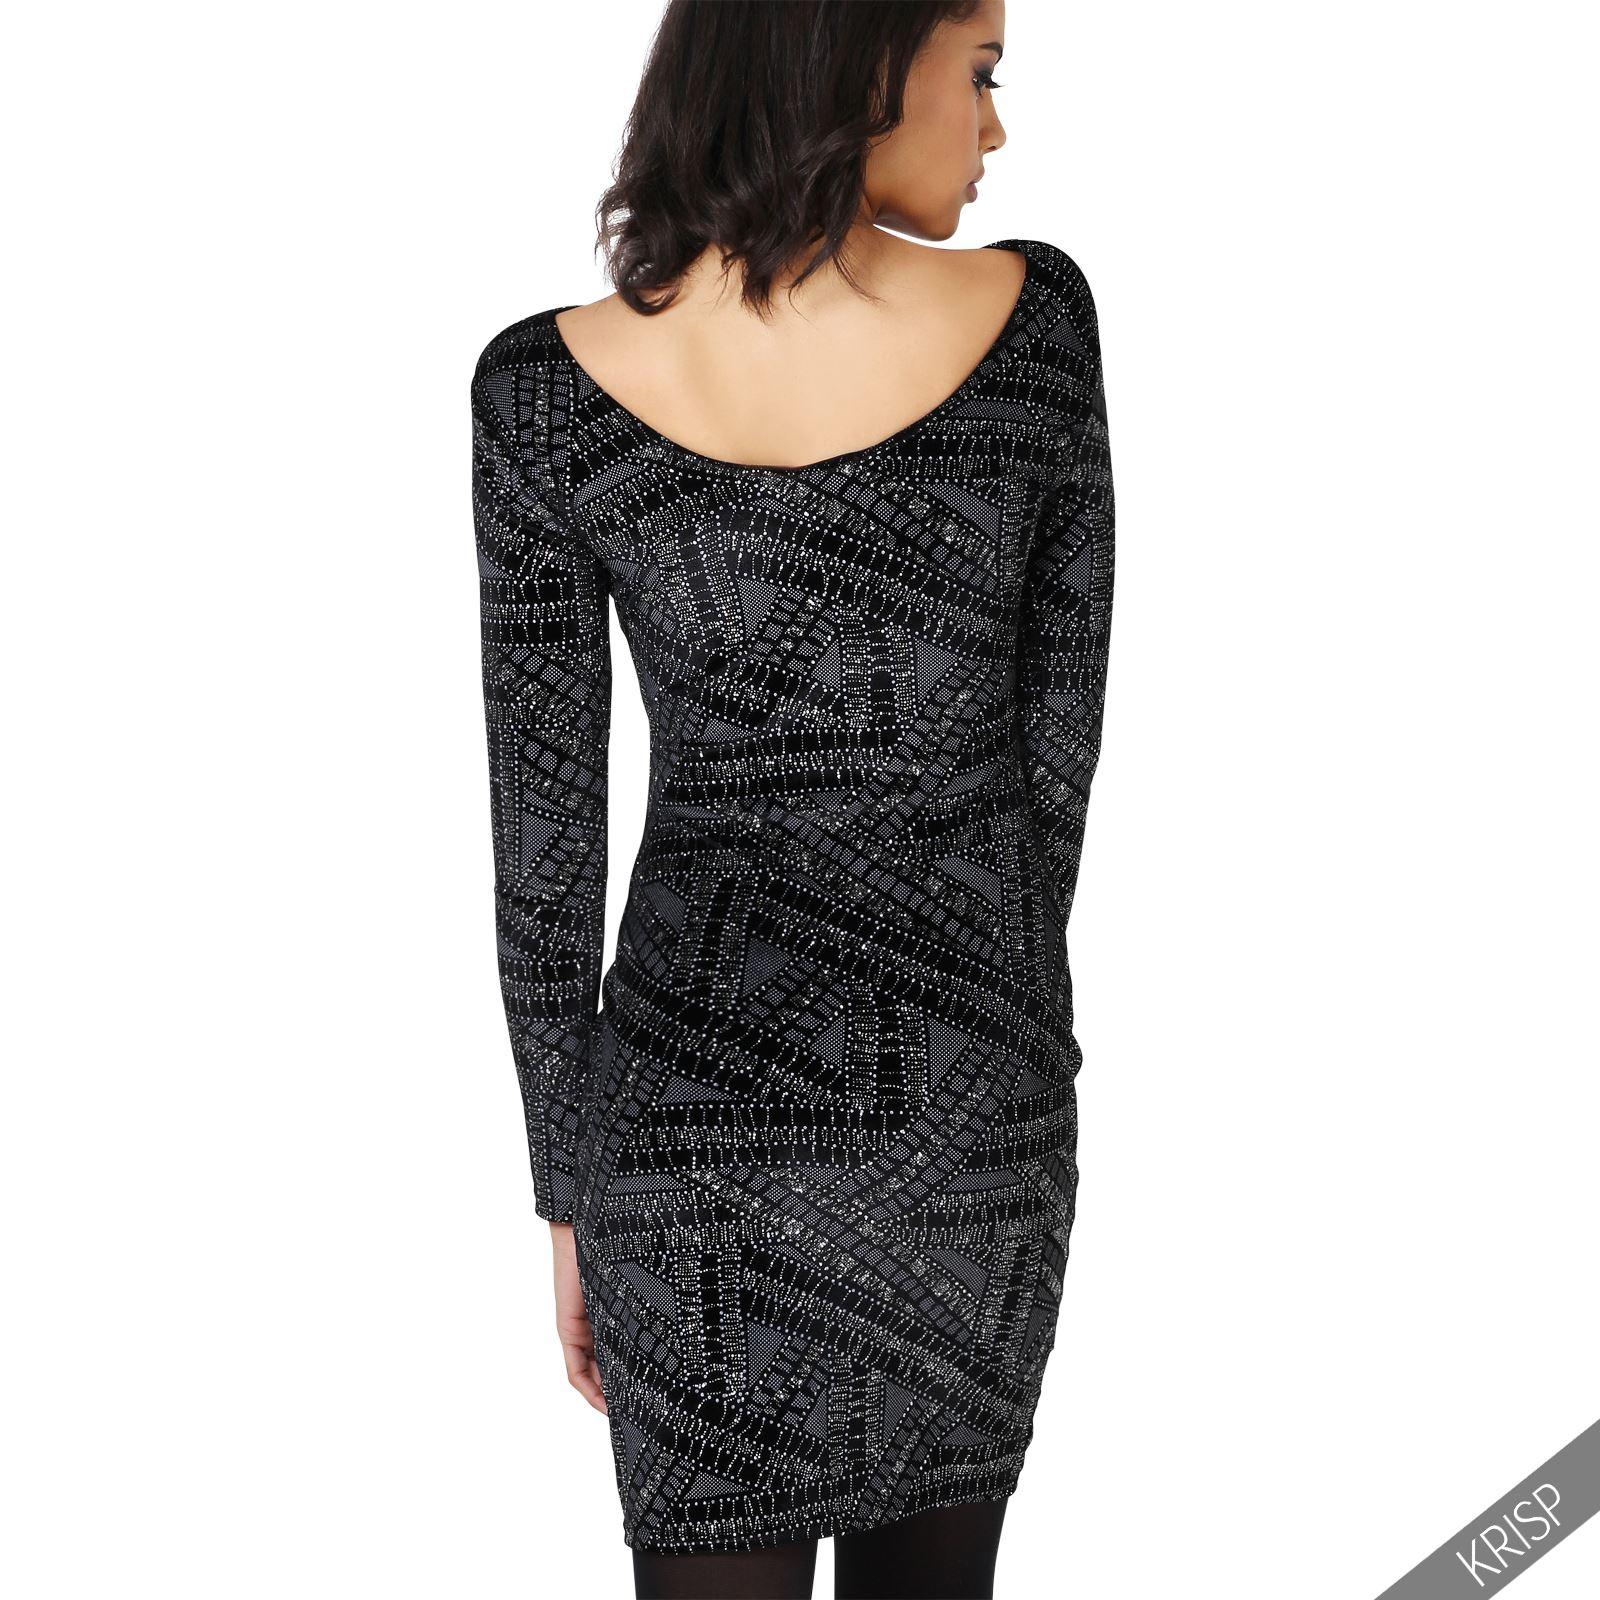 damen elegantes langarm kleid gro e gr en festlich samt. Black Bedroom Furniture Sets. Home Design Ideas